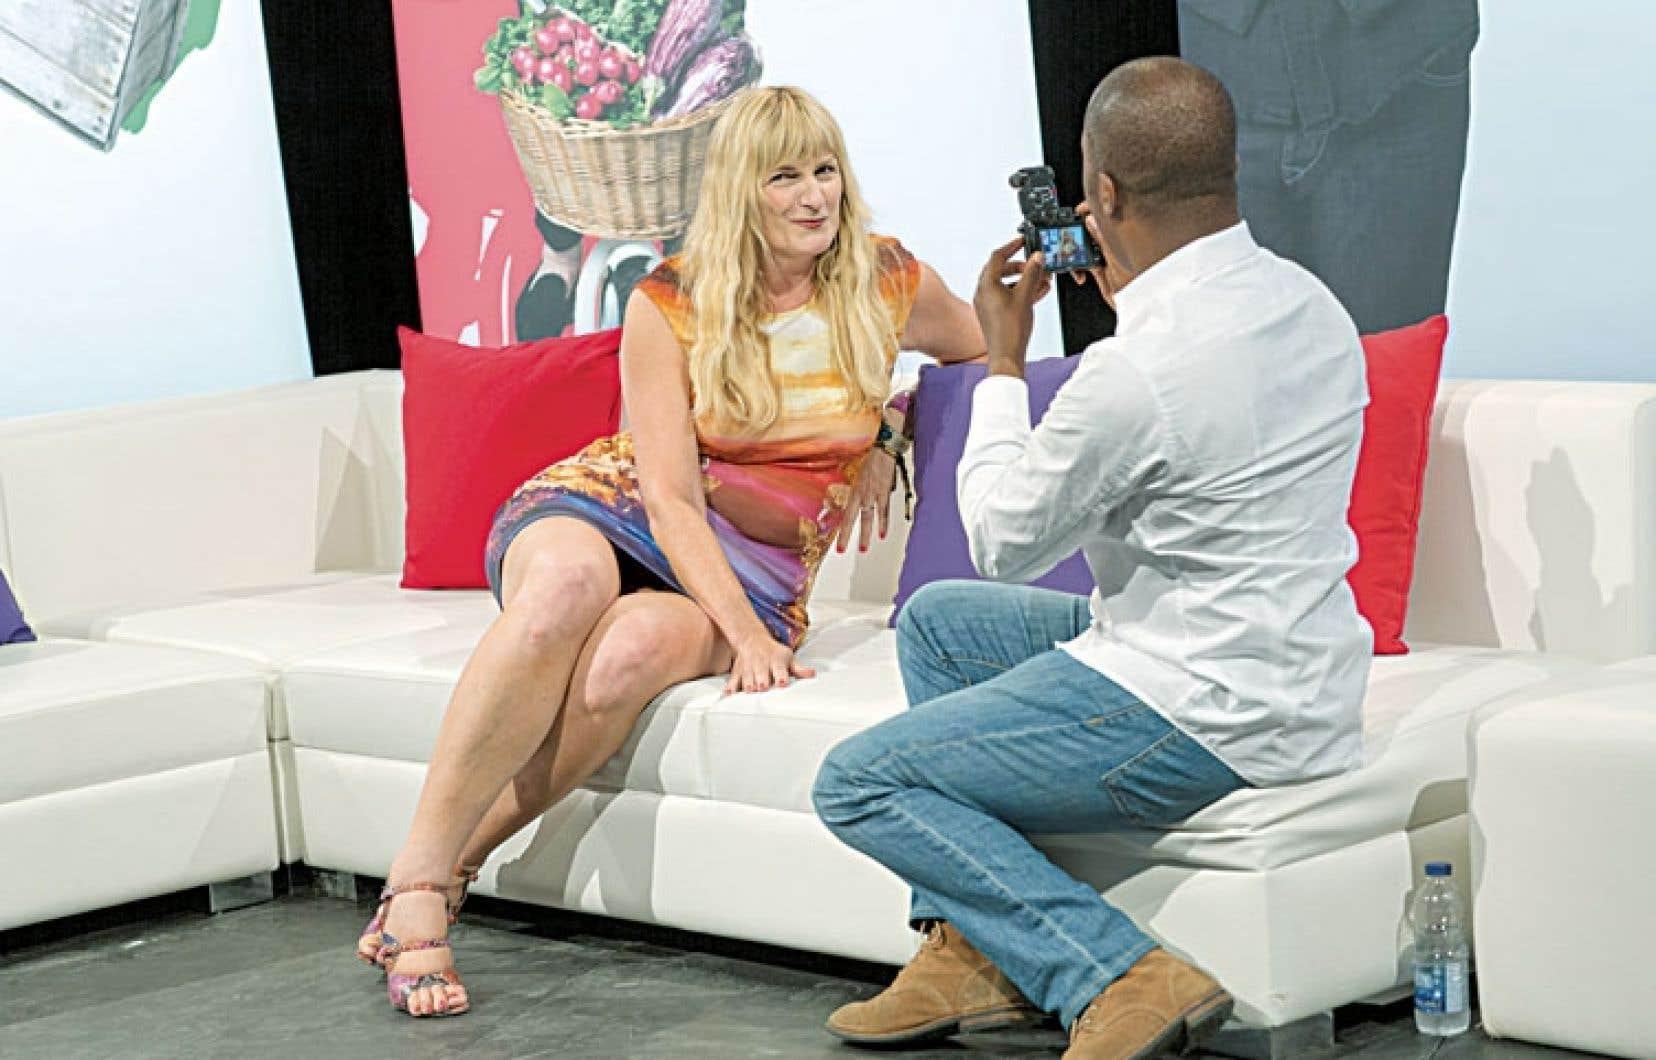 Marie-France Bazzo, ici en séance photo avec Herby Moreau, reprend Bazzo.tv, son émission branchée sur l'actualité le jeudi soir.